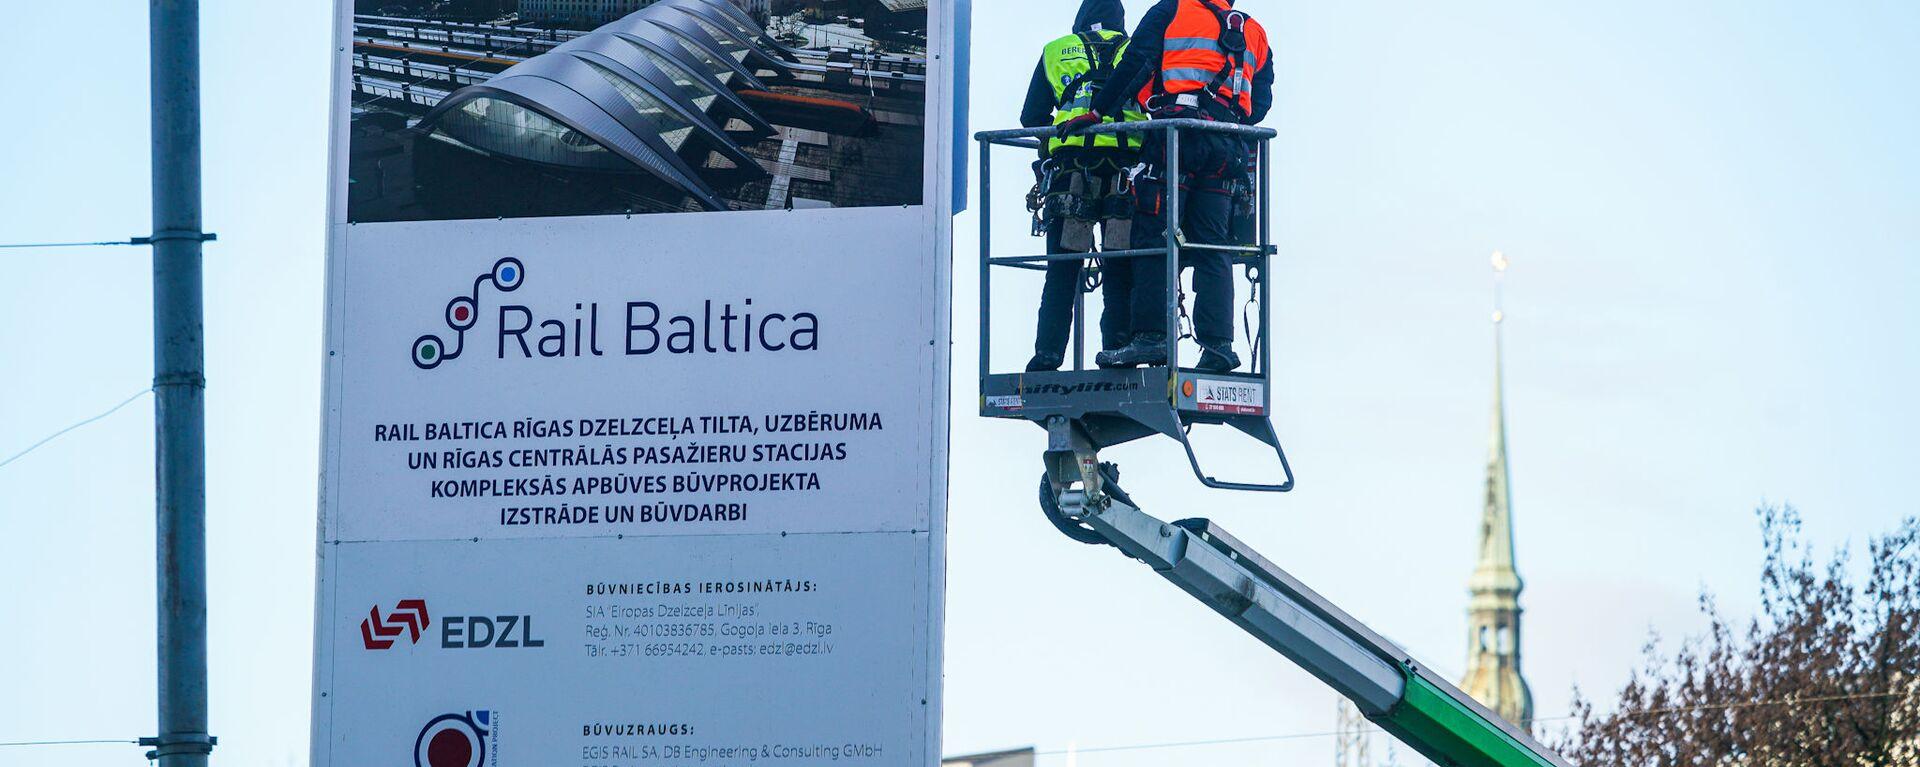 Официальное открытие строительных работ Центрального узла Rail Baltica в Риге - Sputnik Latvija, 1920, 01.03.2021